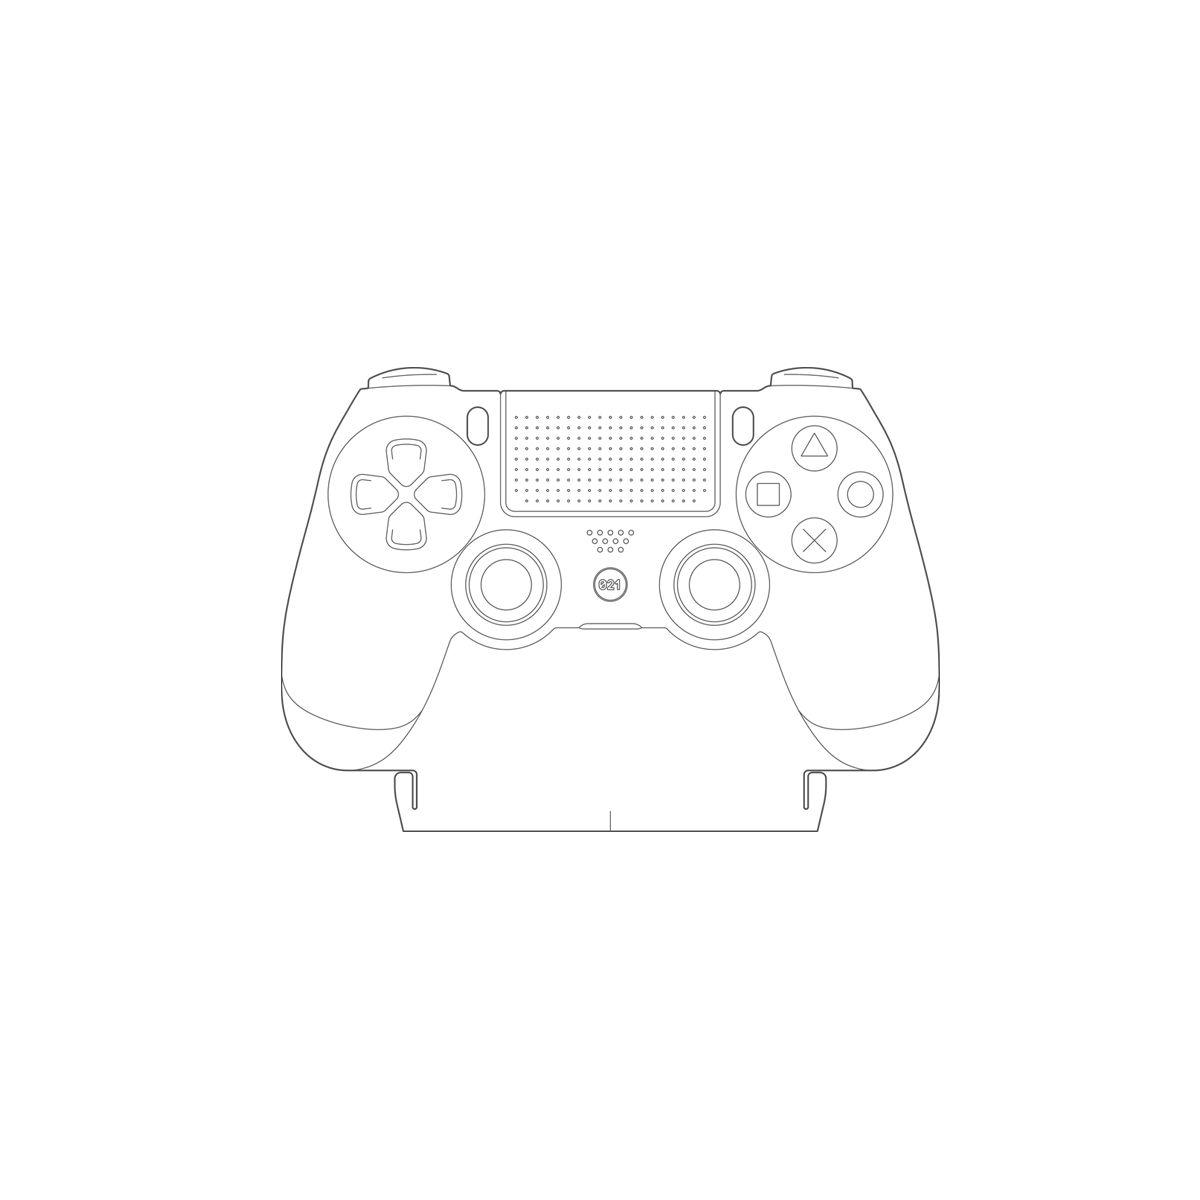 Nerd - Acrílico Play4